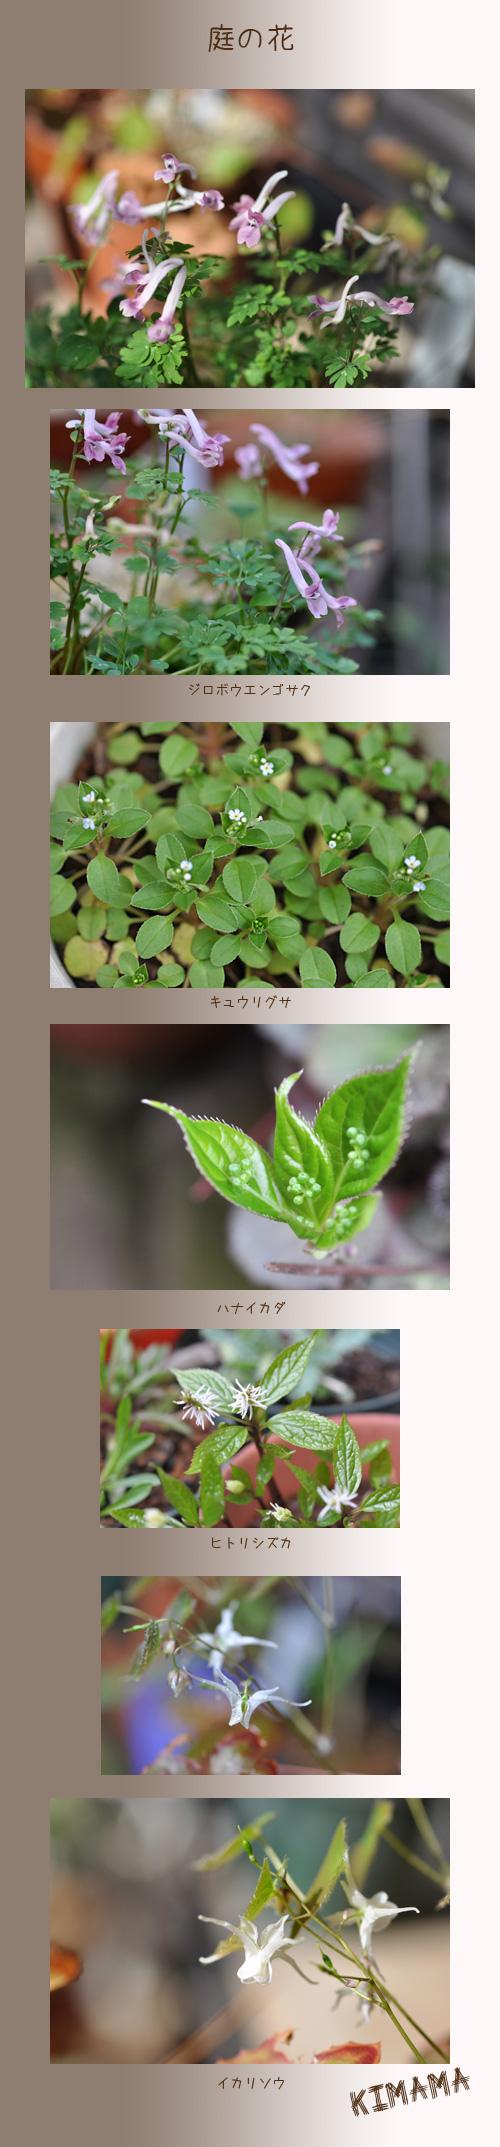 4月6日庭の花1